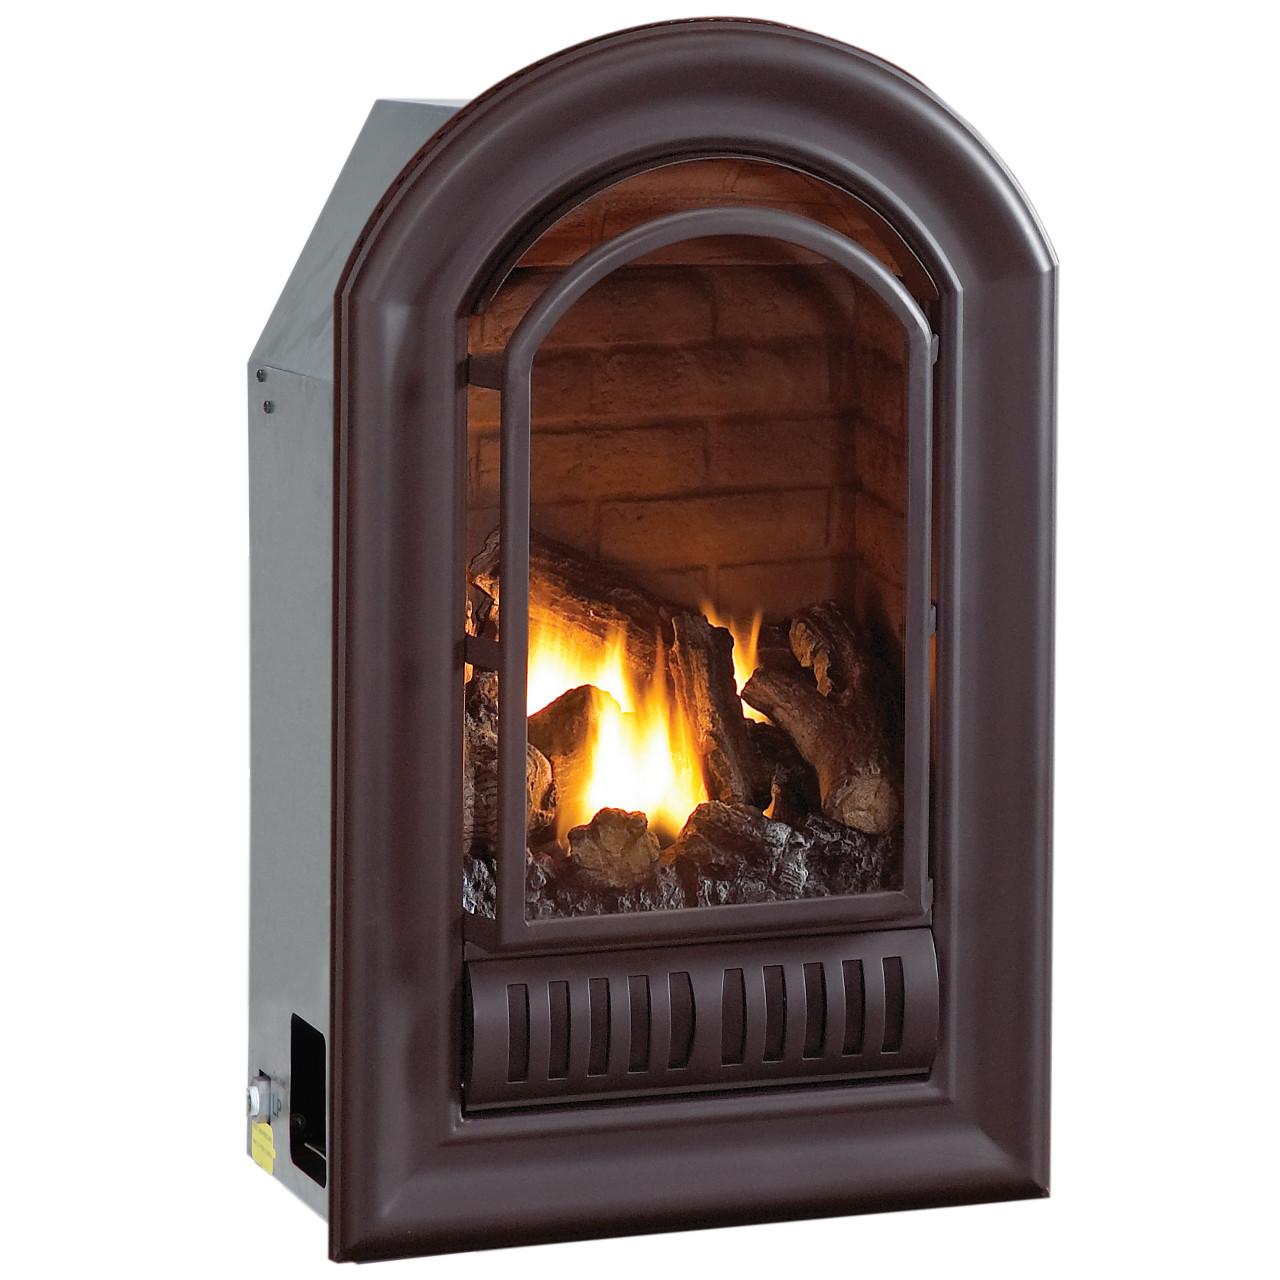 Hearthsense A Series Natural Gas Ventless Fireplace Insert